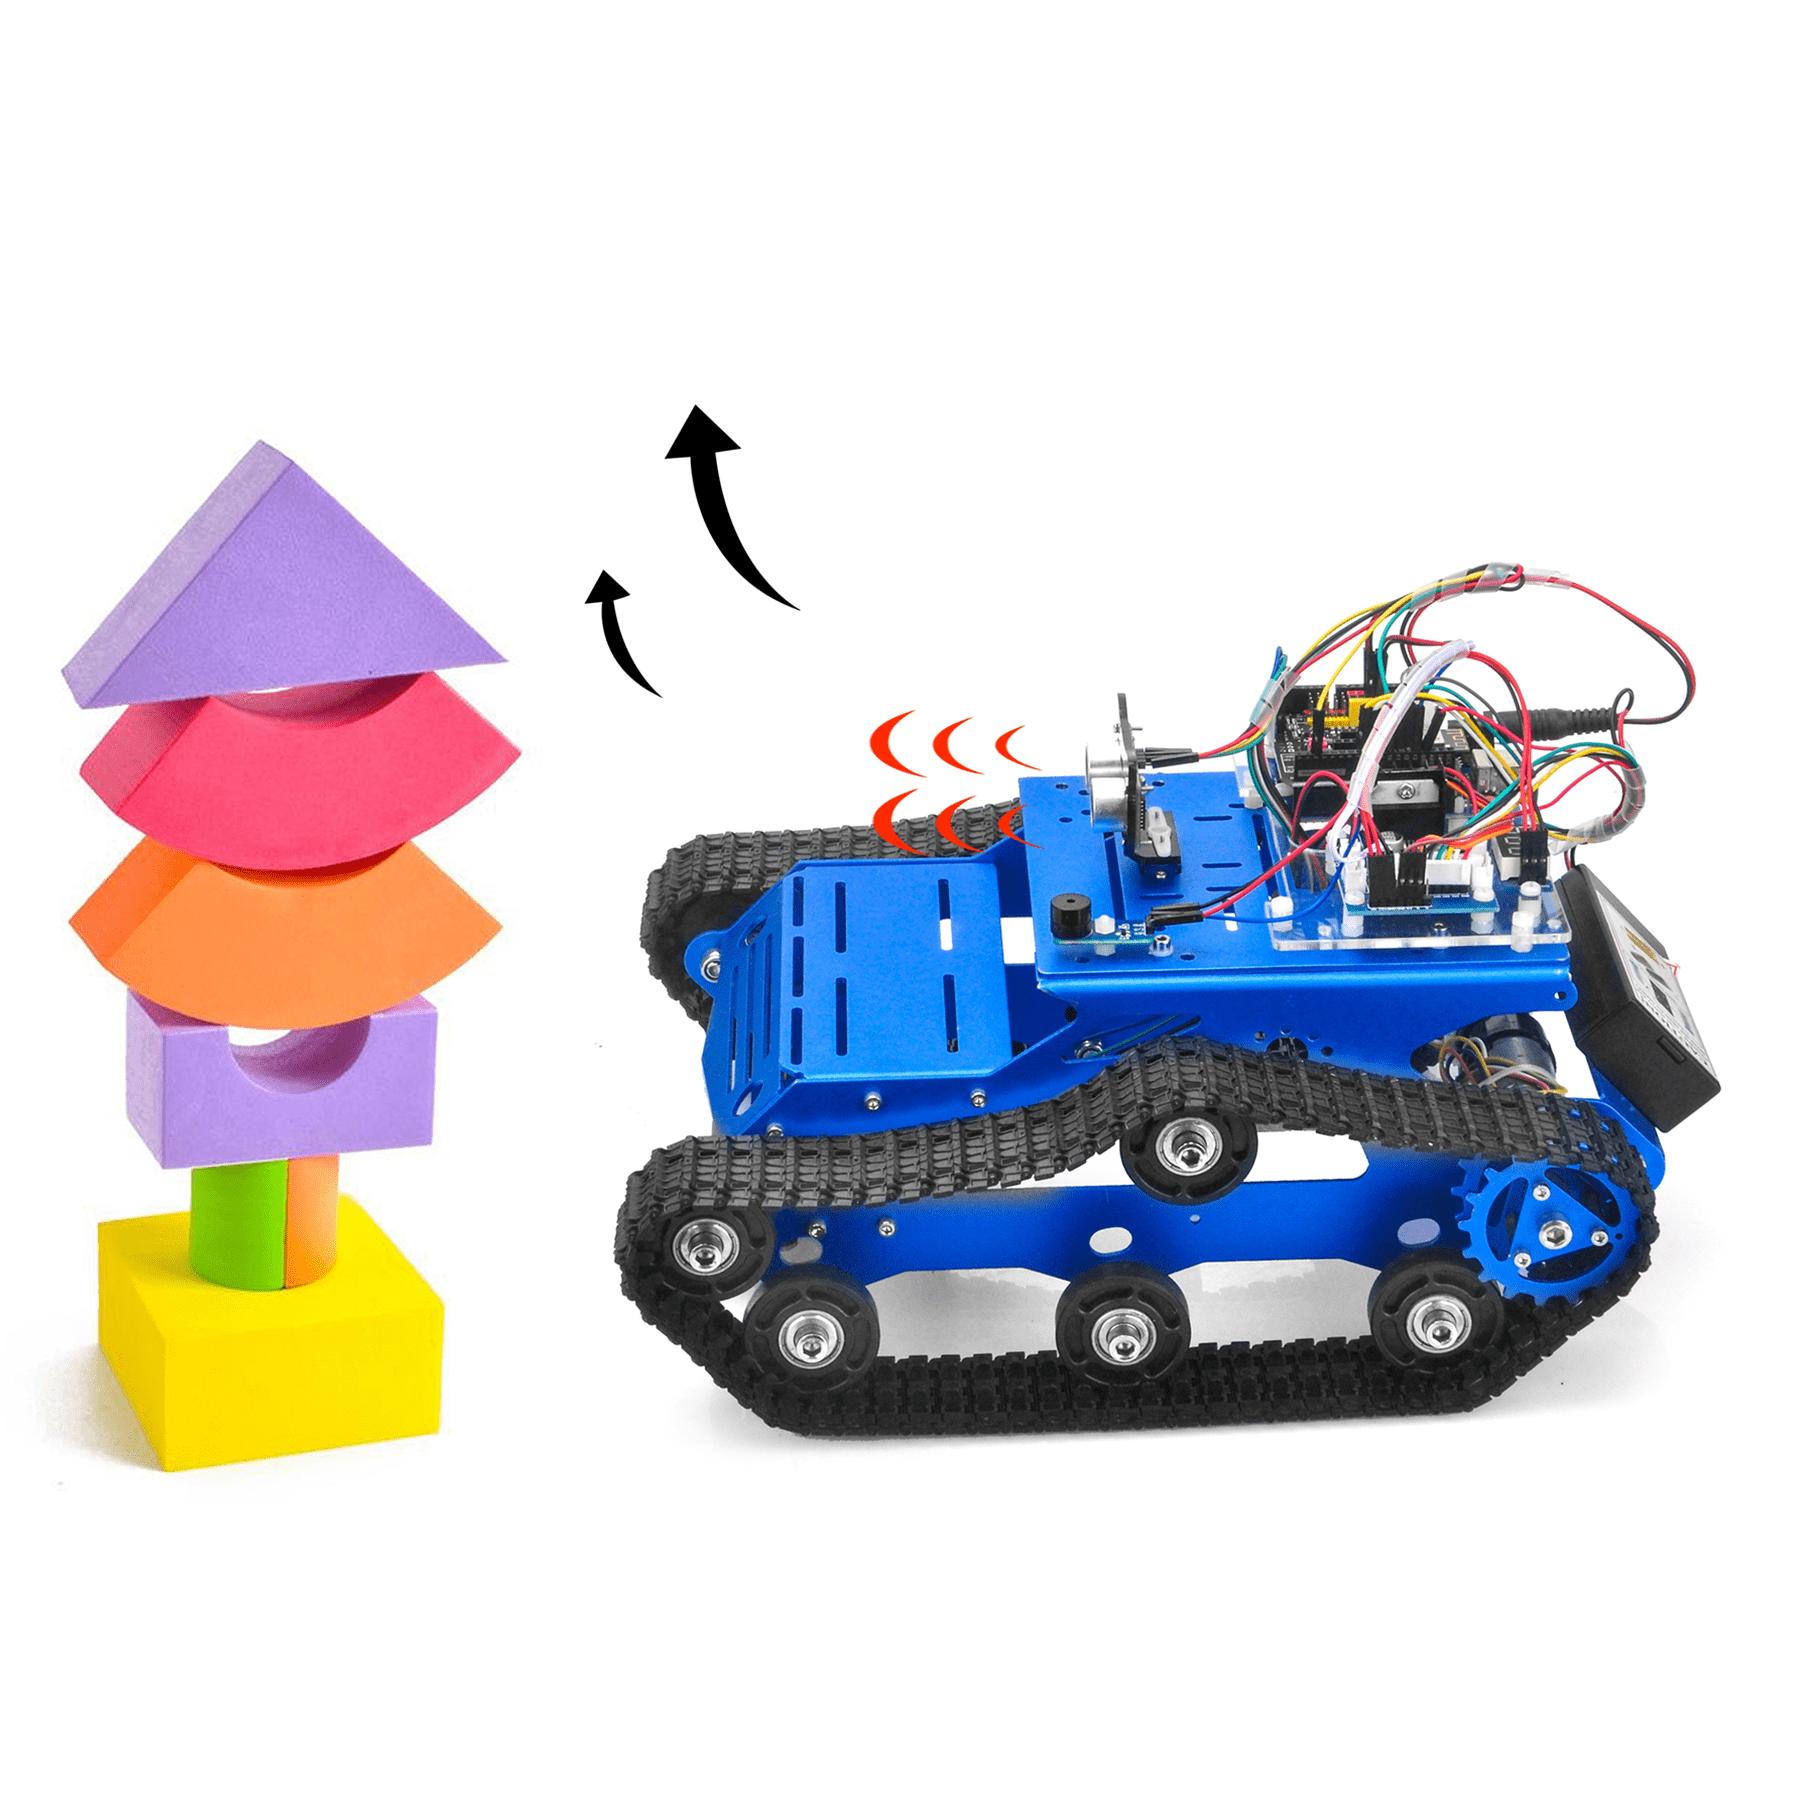 Robot Tank Car Kit V2.0 Lesson5: Obstacle avoidance